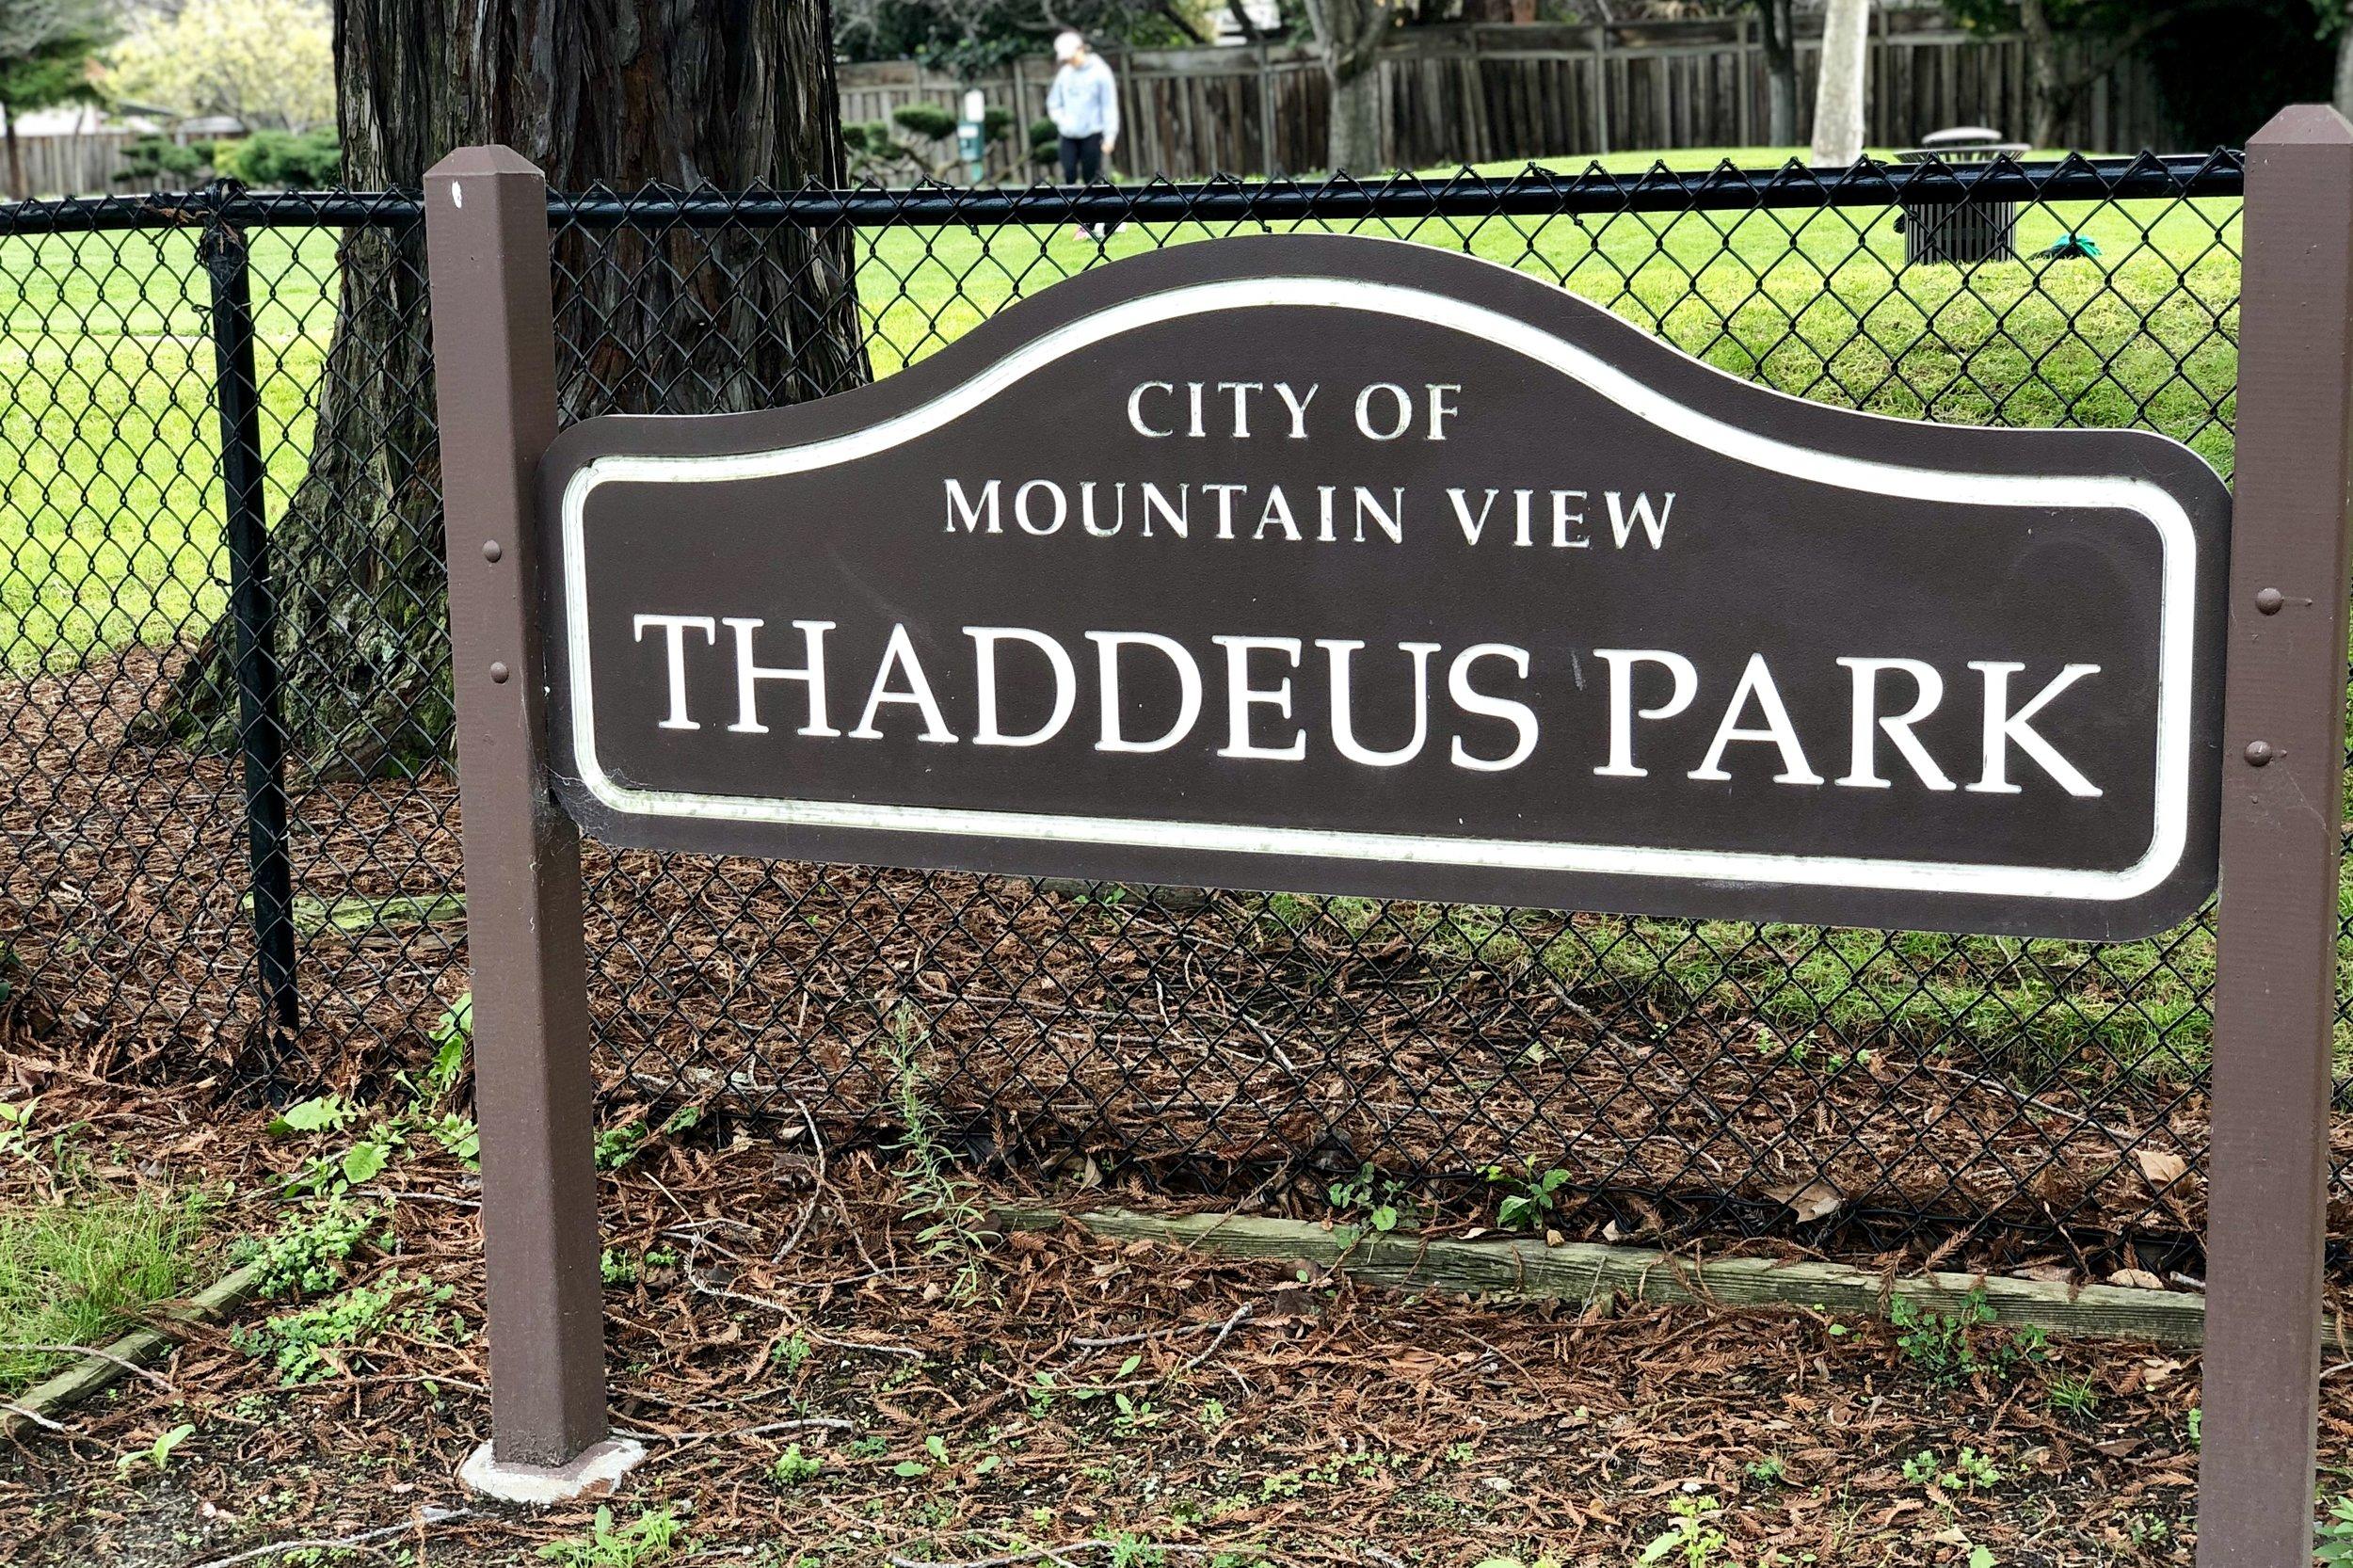 Thaddeus Park Mountain View.jpg